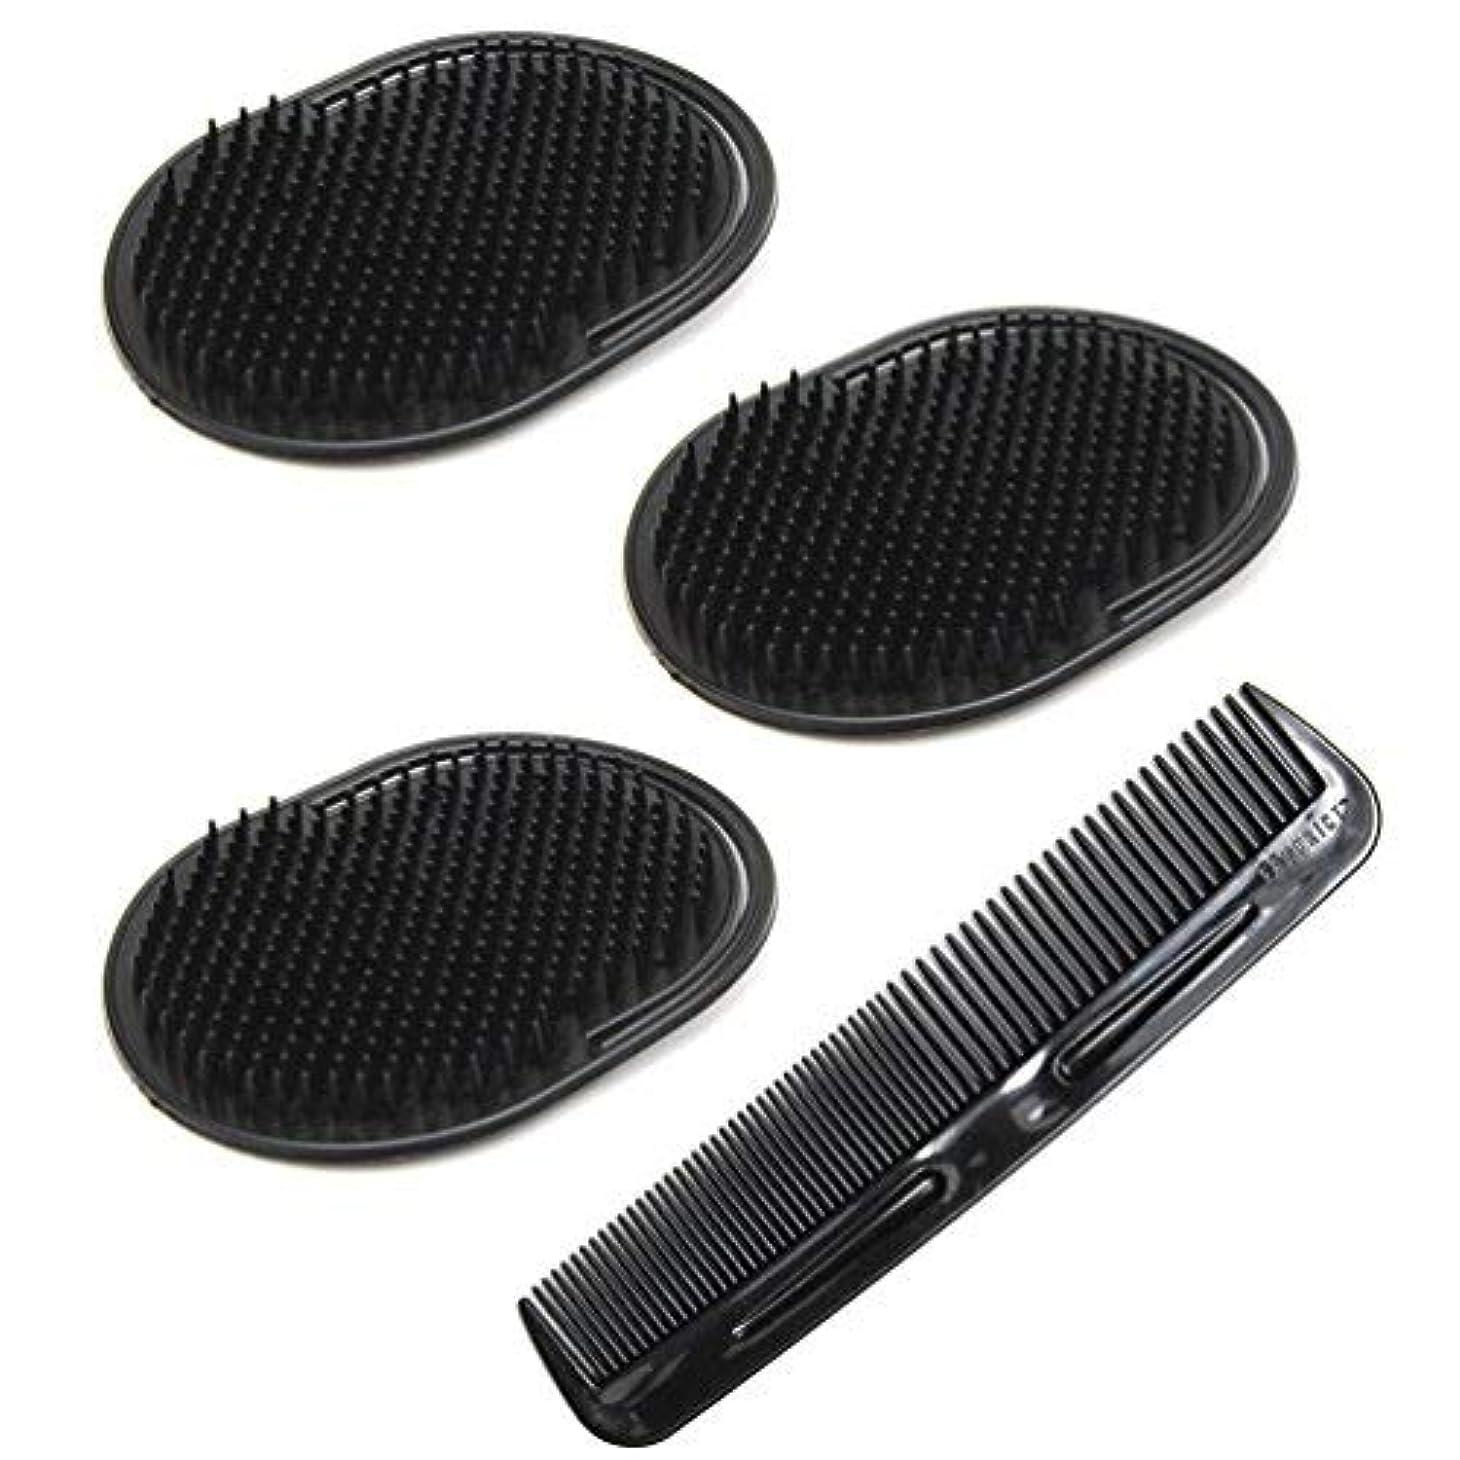 完全に乾くキャンセルデコラティブLuxxii (4 Pack) Hair Scalp Massage Shampoo Palm Brush Massager with 5